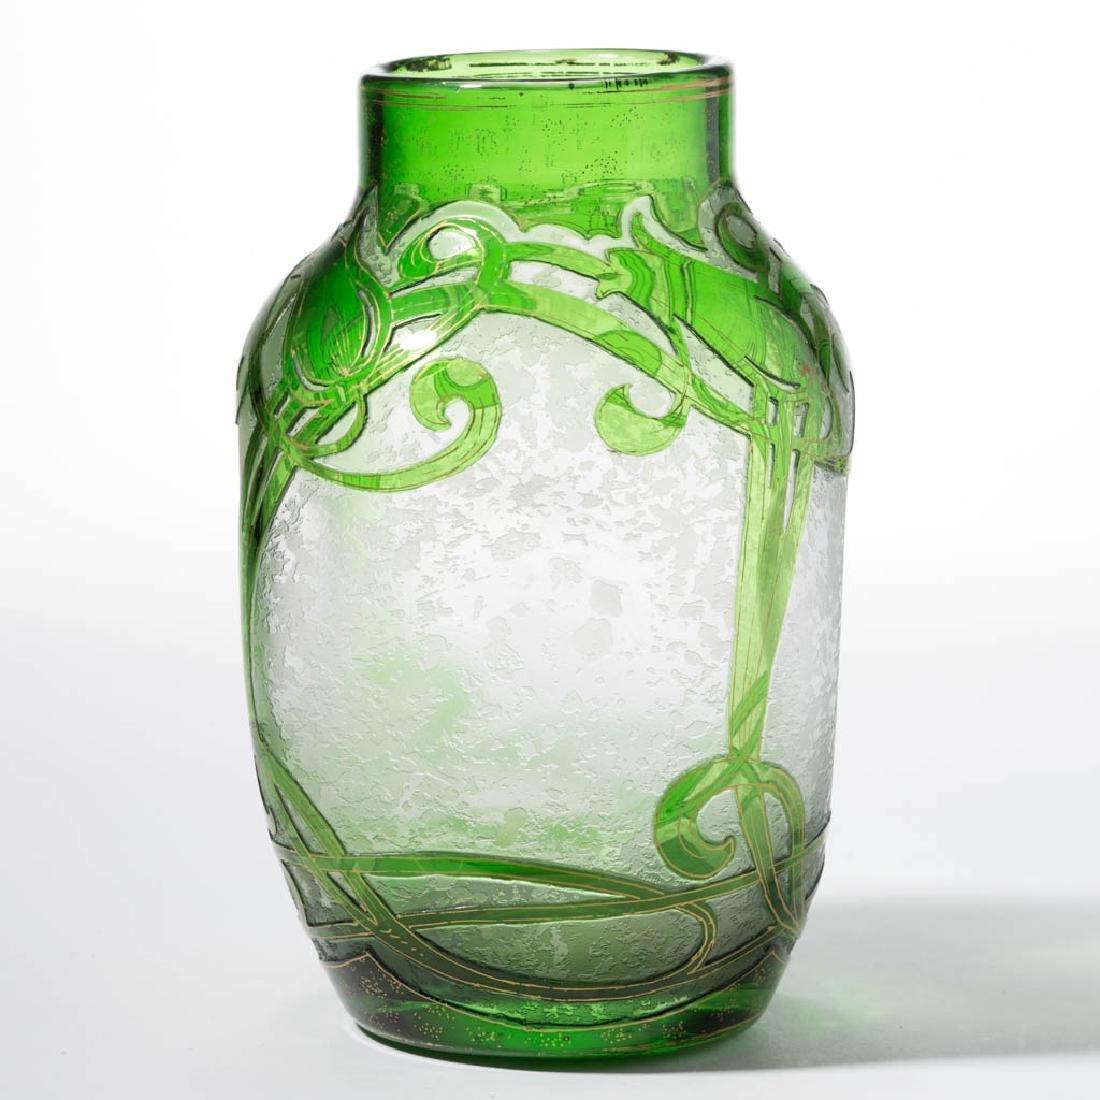 DORFLINGER HONESDALE FLORAL CAMEO ART GLASS VASE - 2